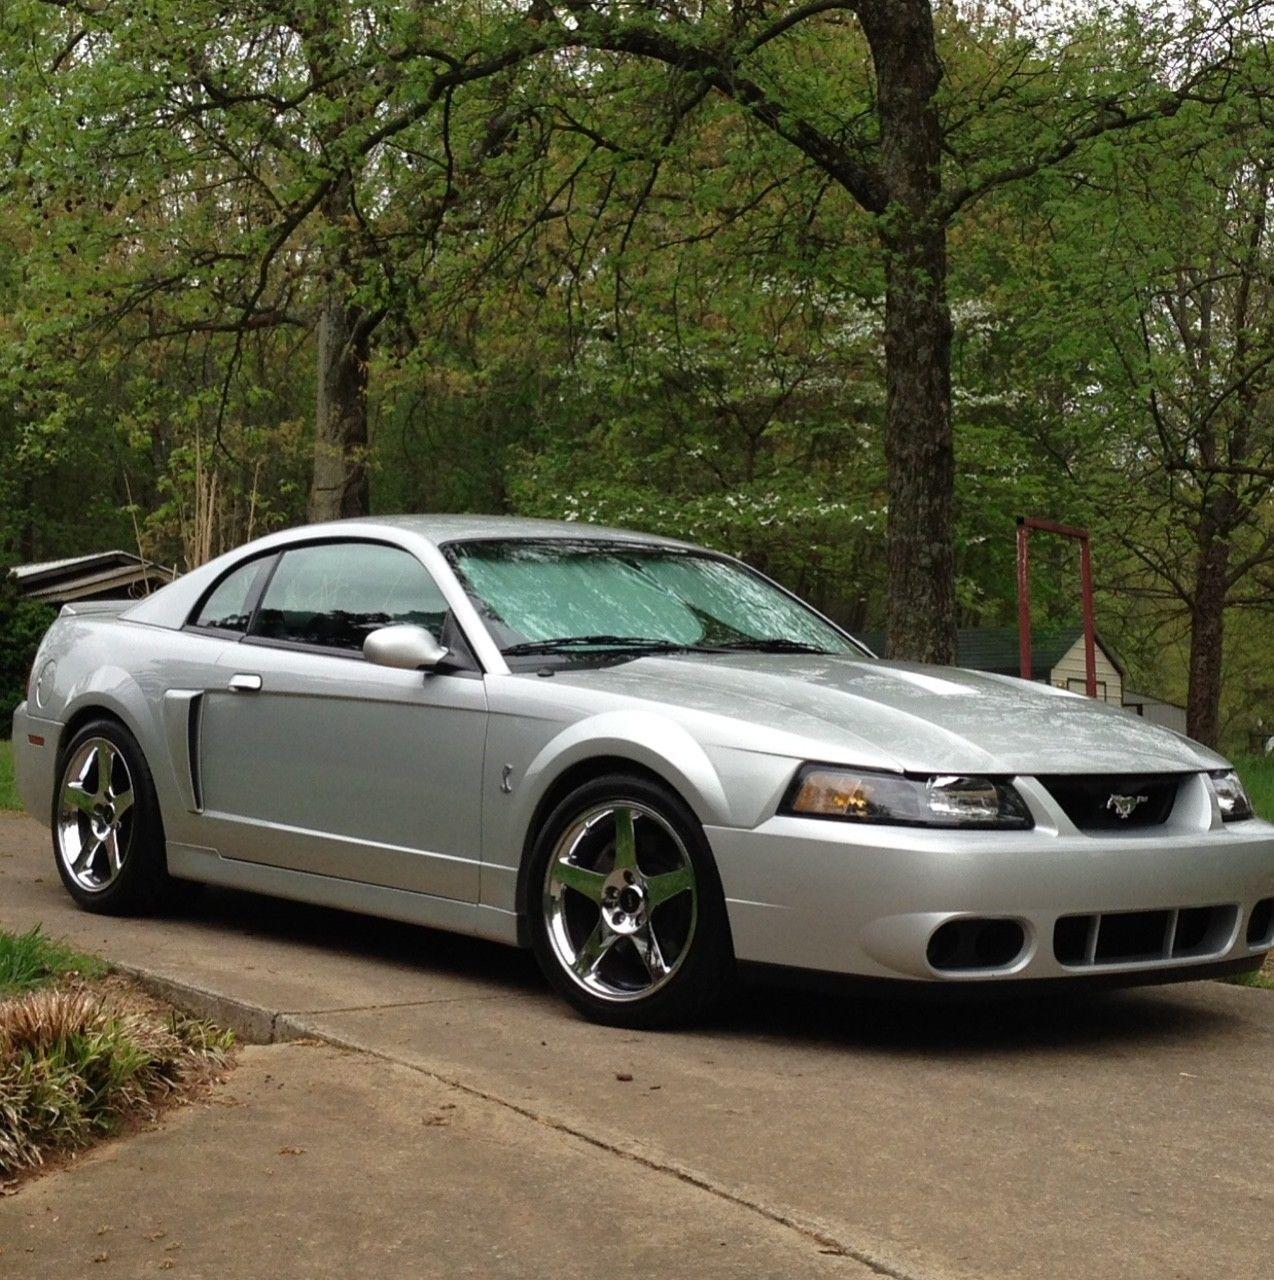 2004 Ford Mustang Cobra 2004 Ford Mustang Mustang Cobra Ford Mustang Cobra